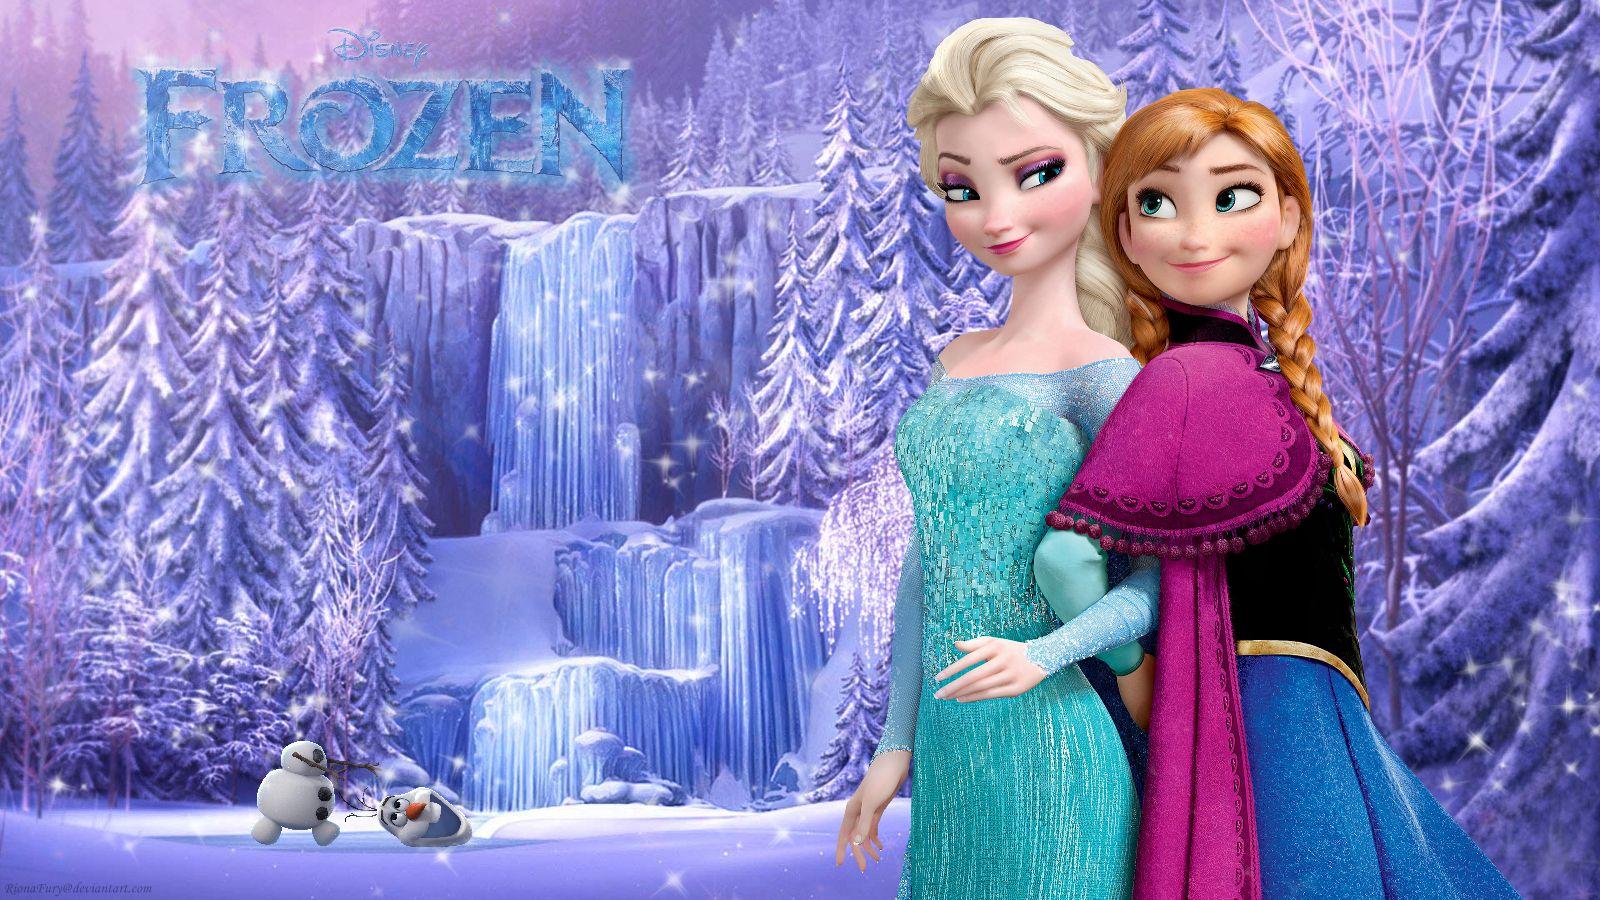 Wallpaper Elsa And Anna